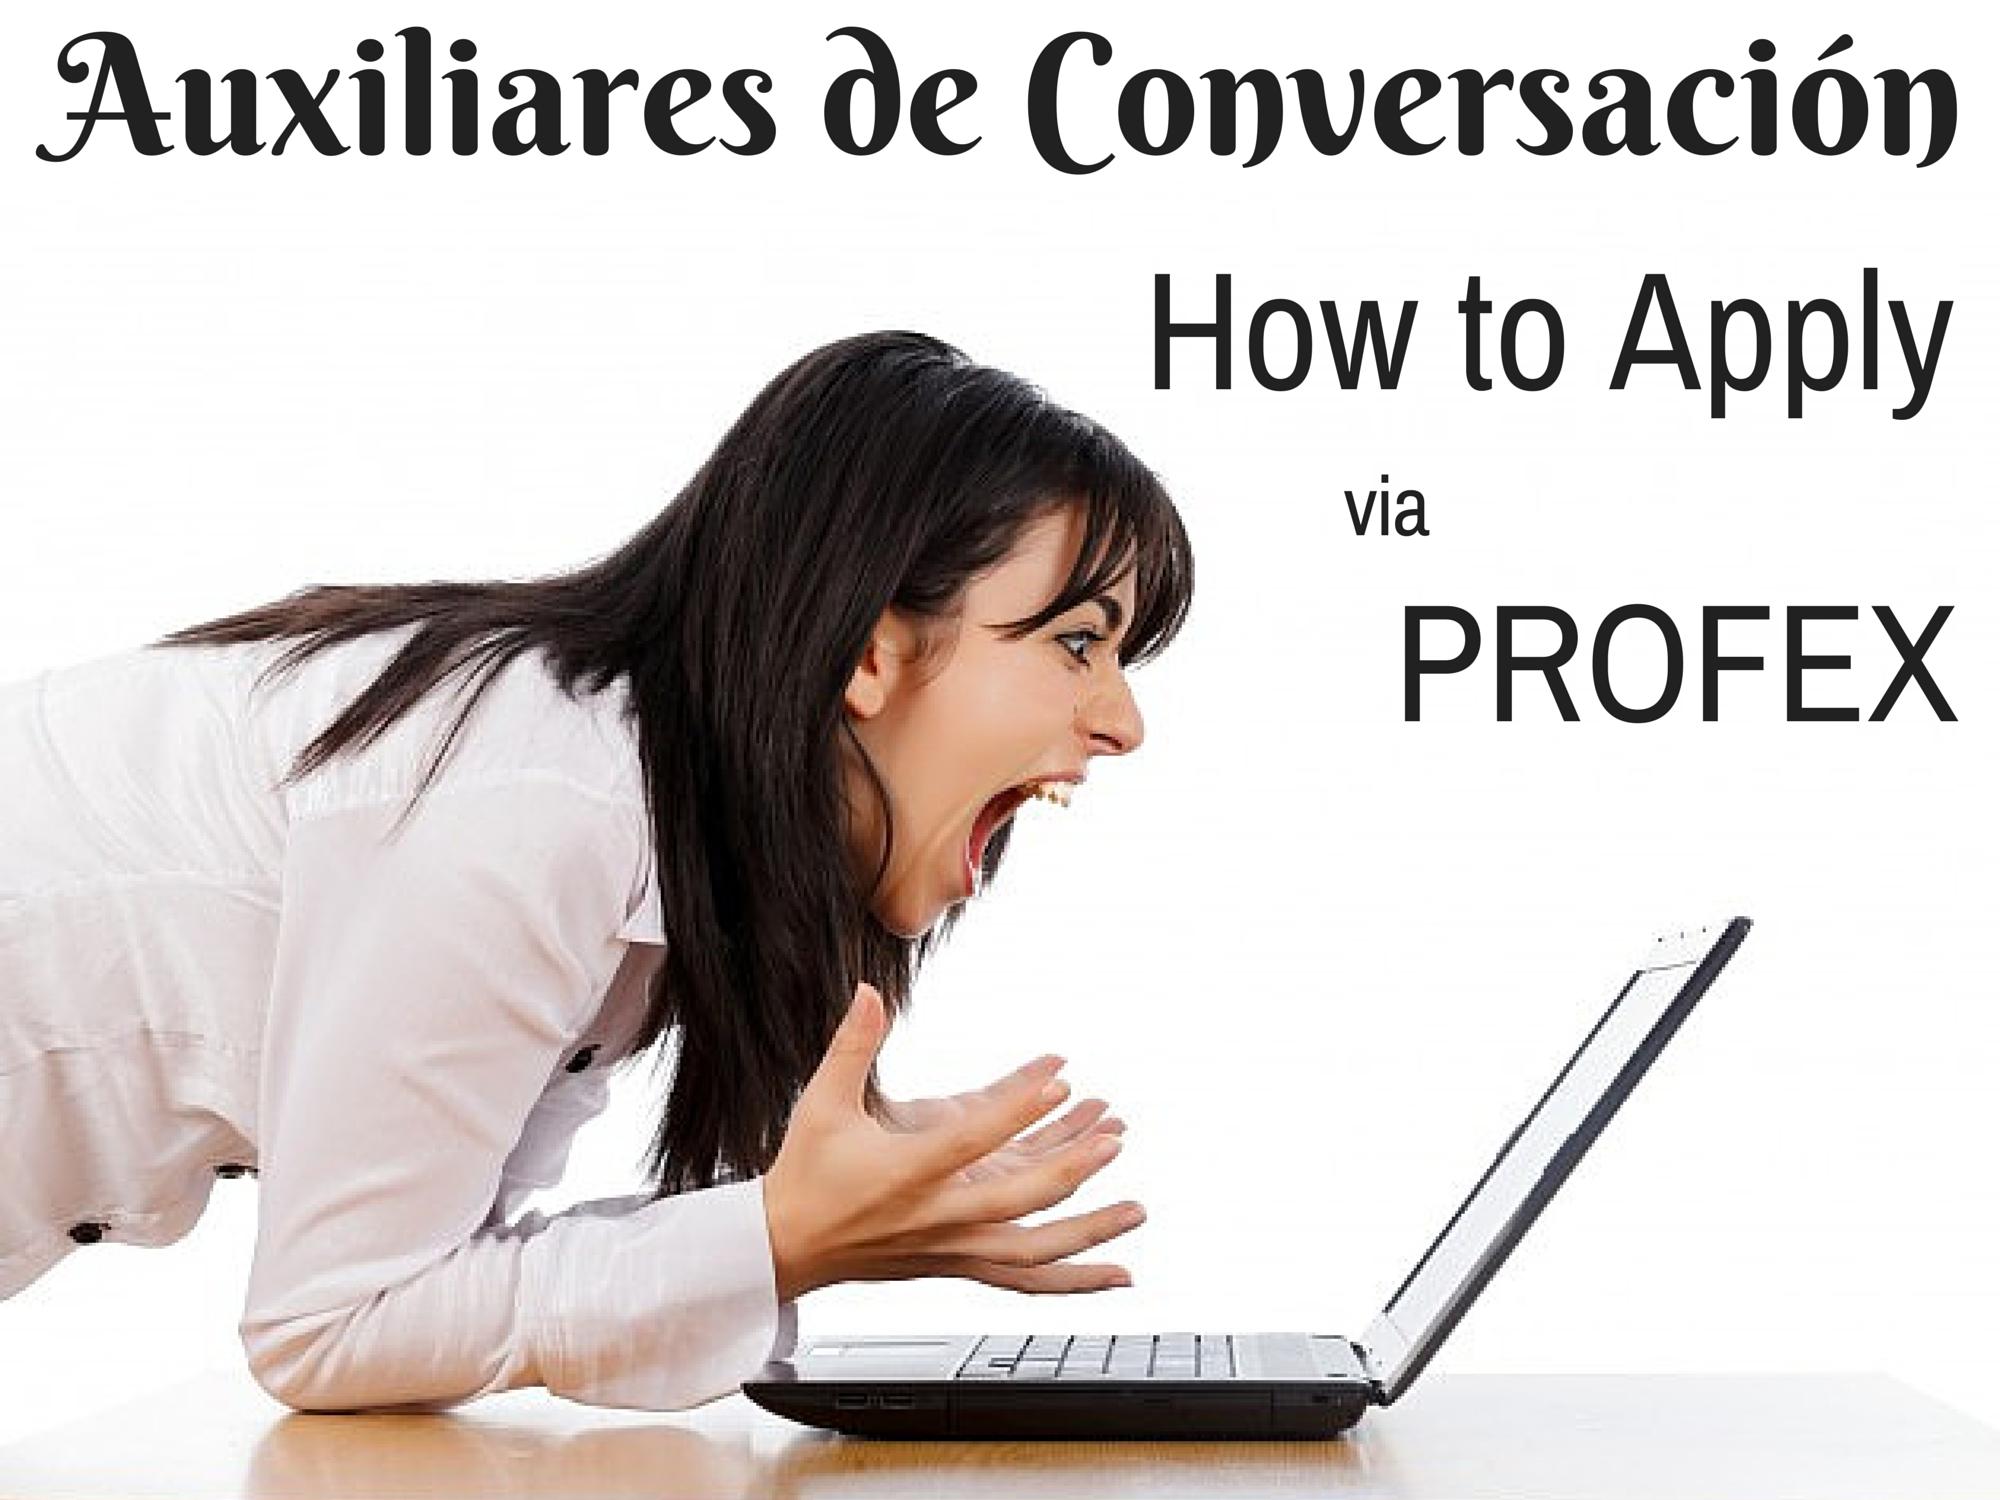 Auxiliares de Conversación, How to Apply via PROFEX | HOLE STORIES